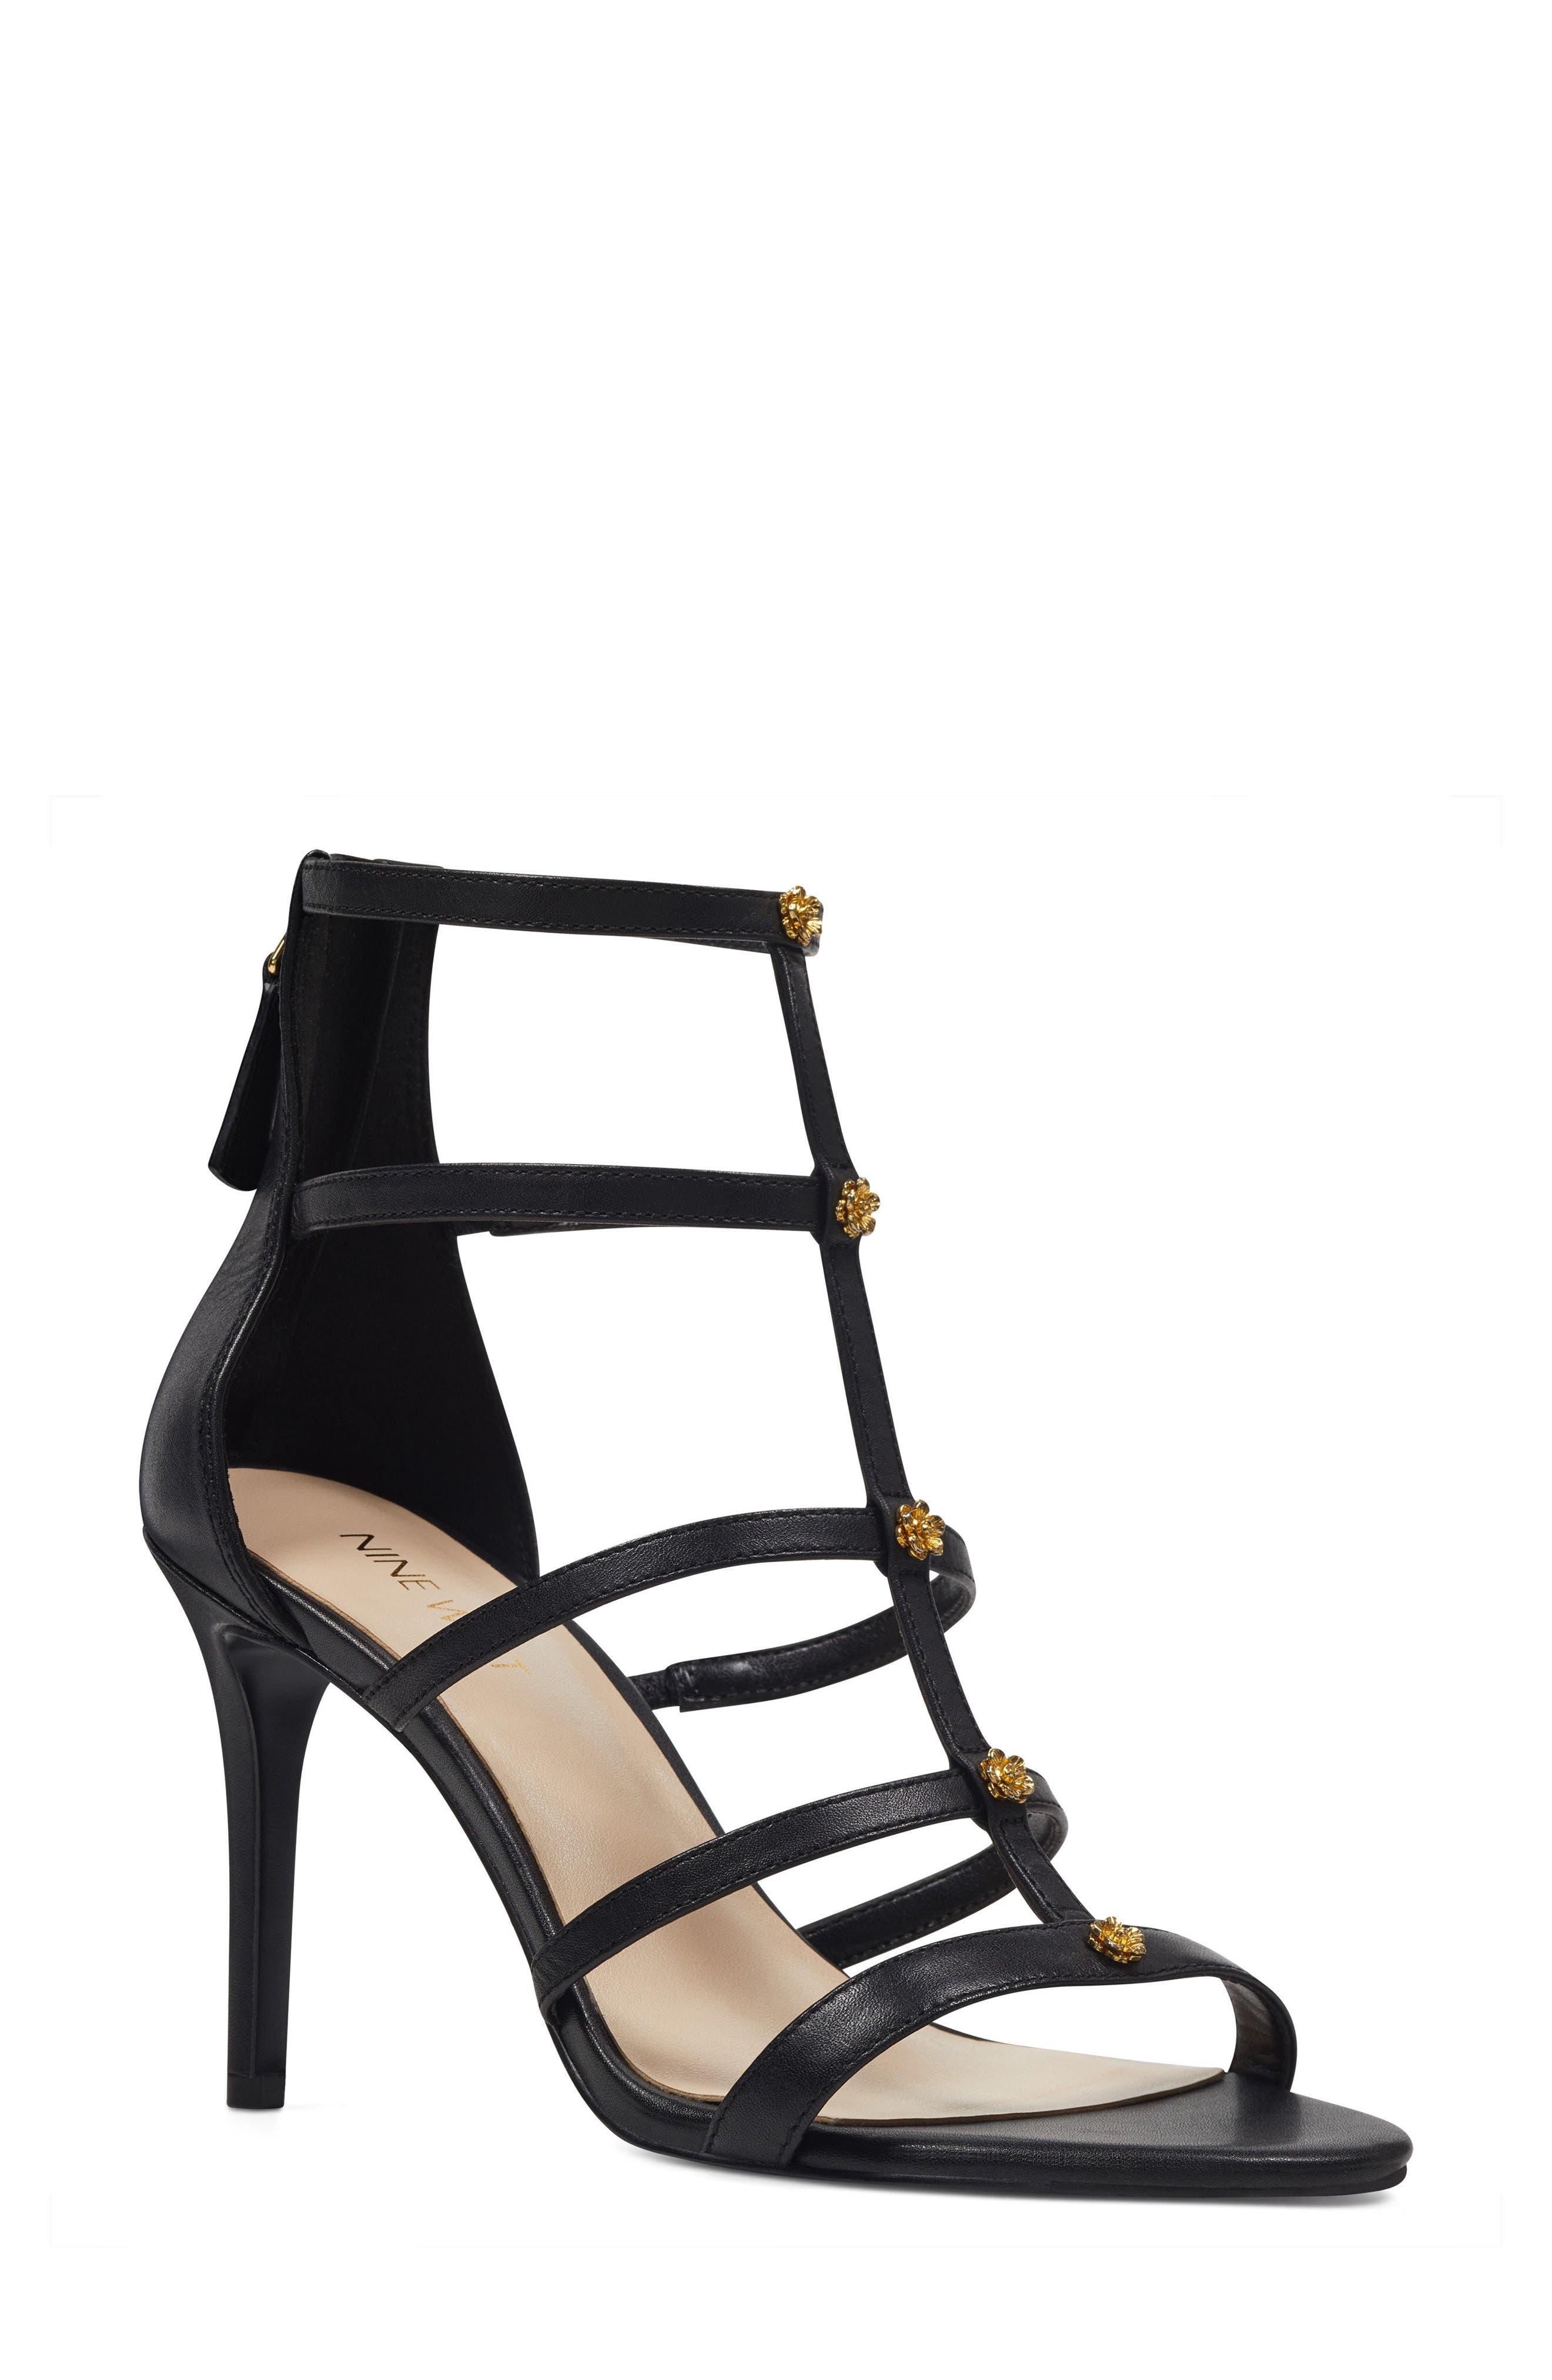 Nayler Strappy Sandal,                         Main,                         color, 001